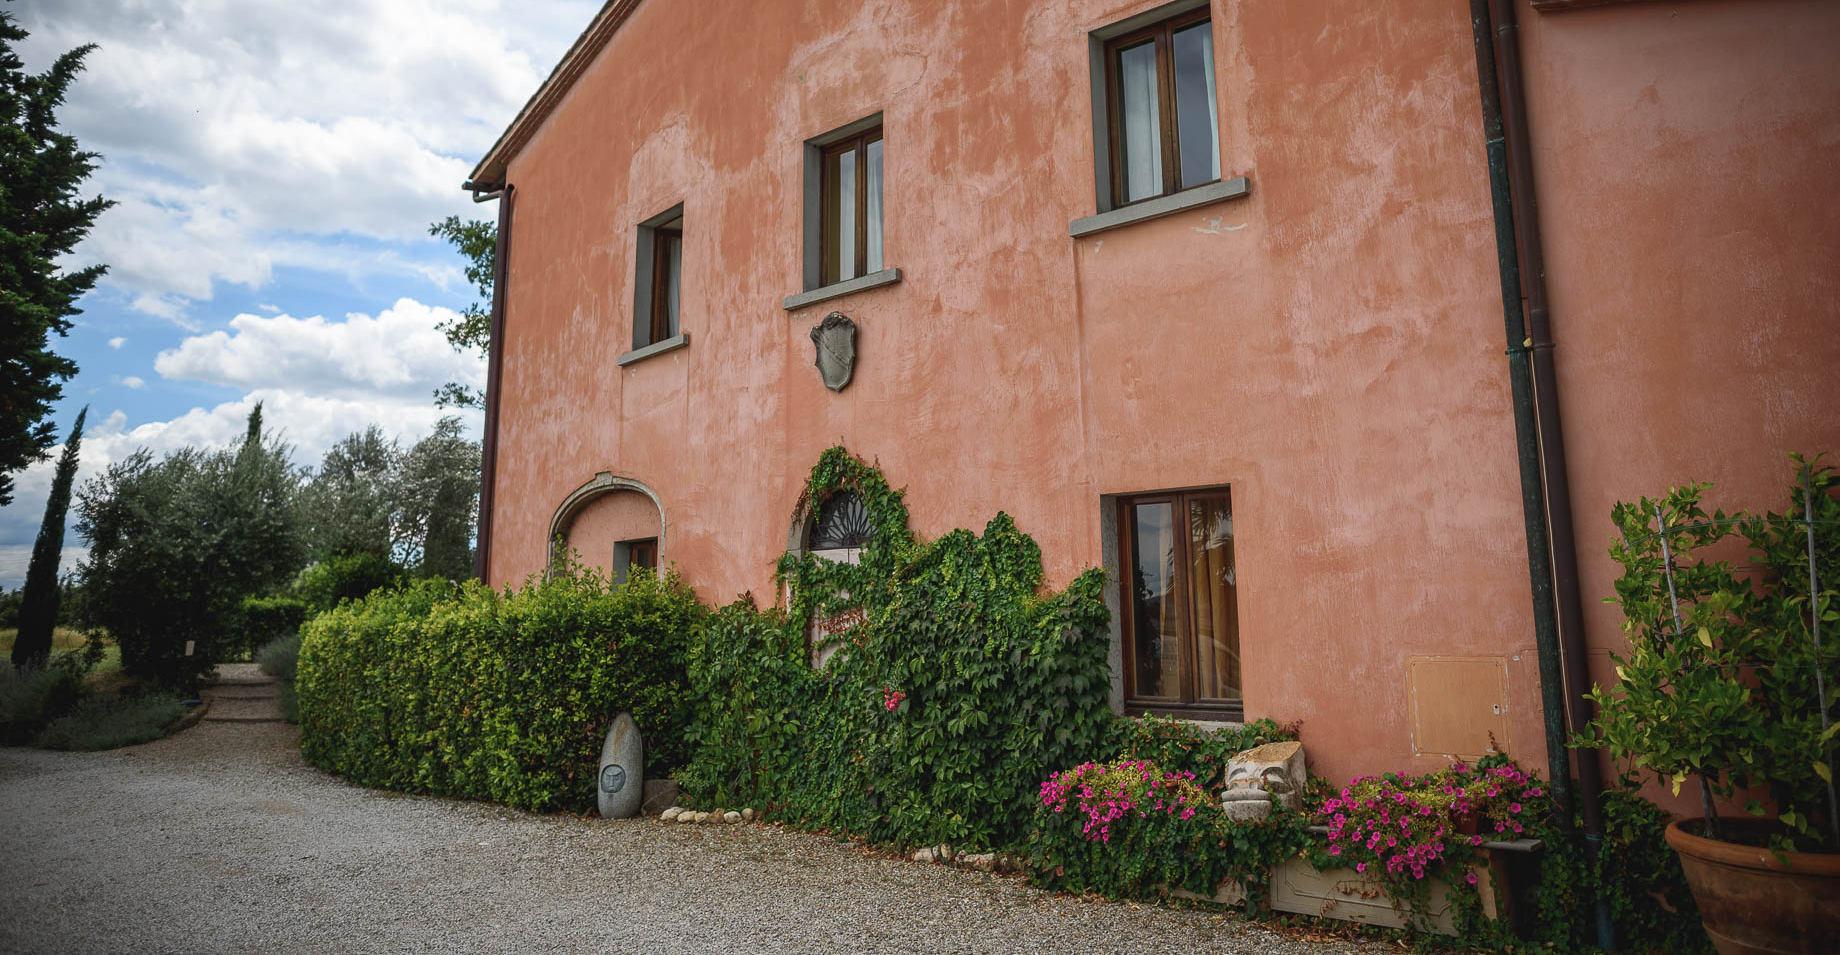 Villa-Mazzei-side